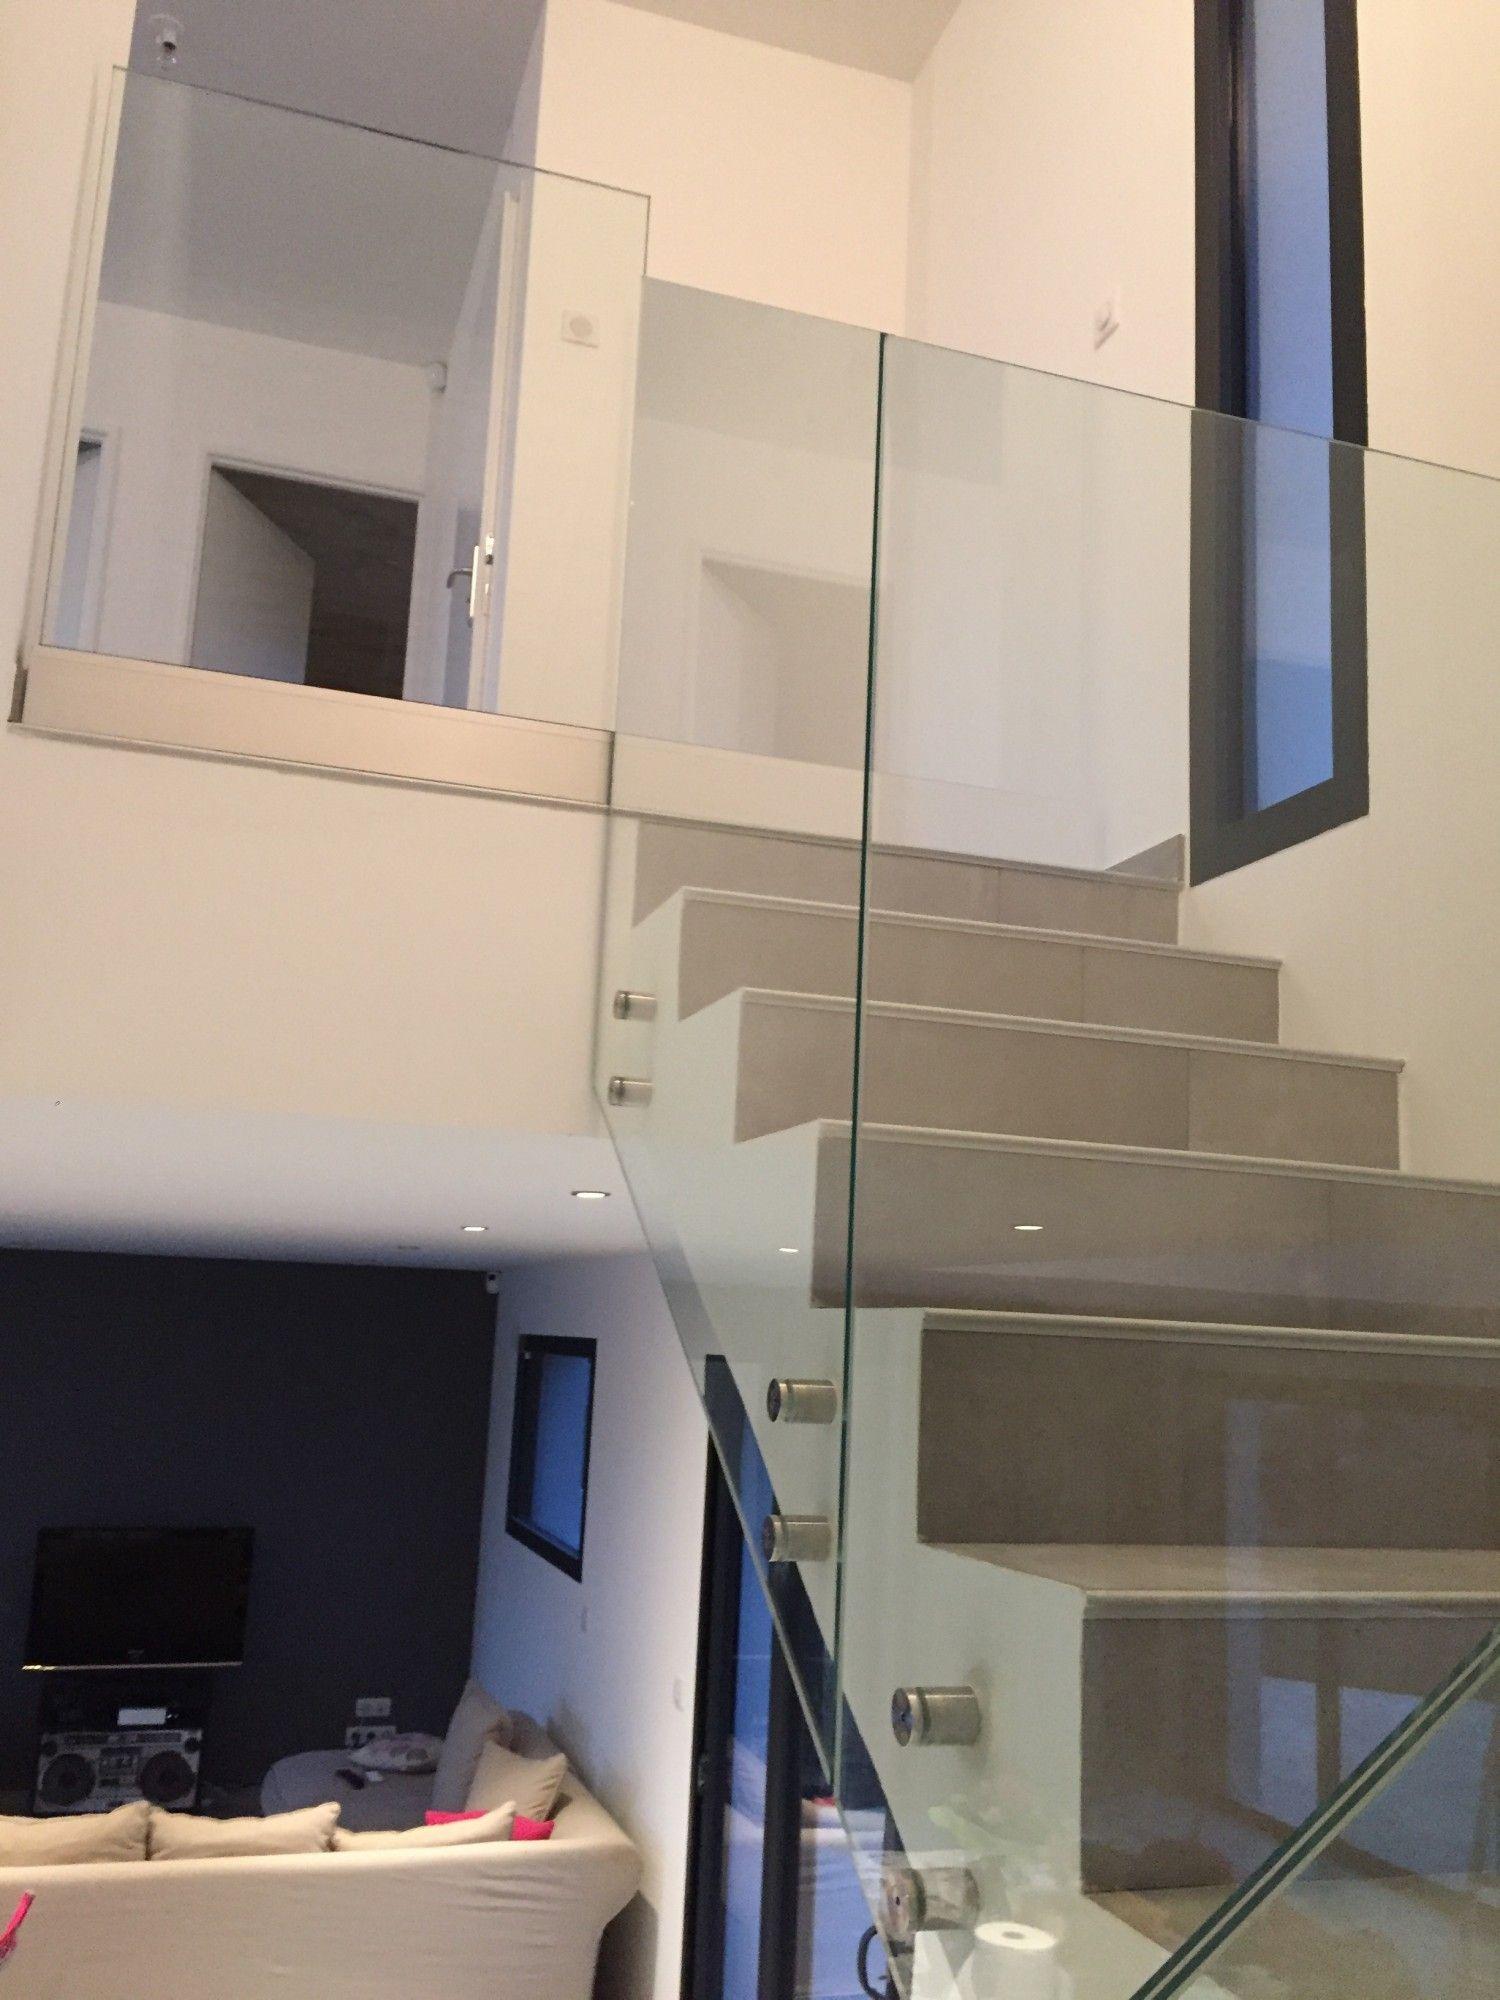 garde corps tout verre pour un escalier d 39 int rieur design marseille alberstore. Black Bedroom Furniture Sets. Home Design Ideas